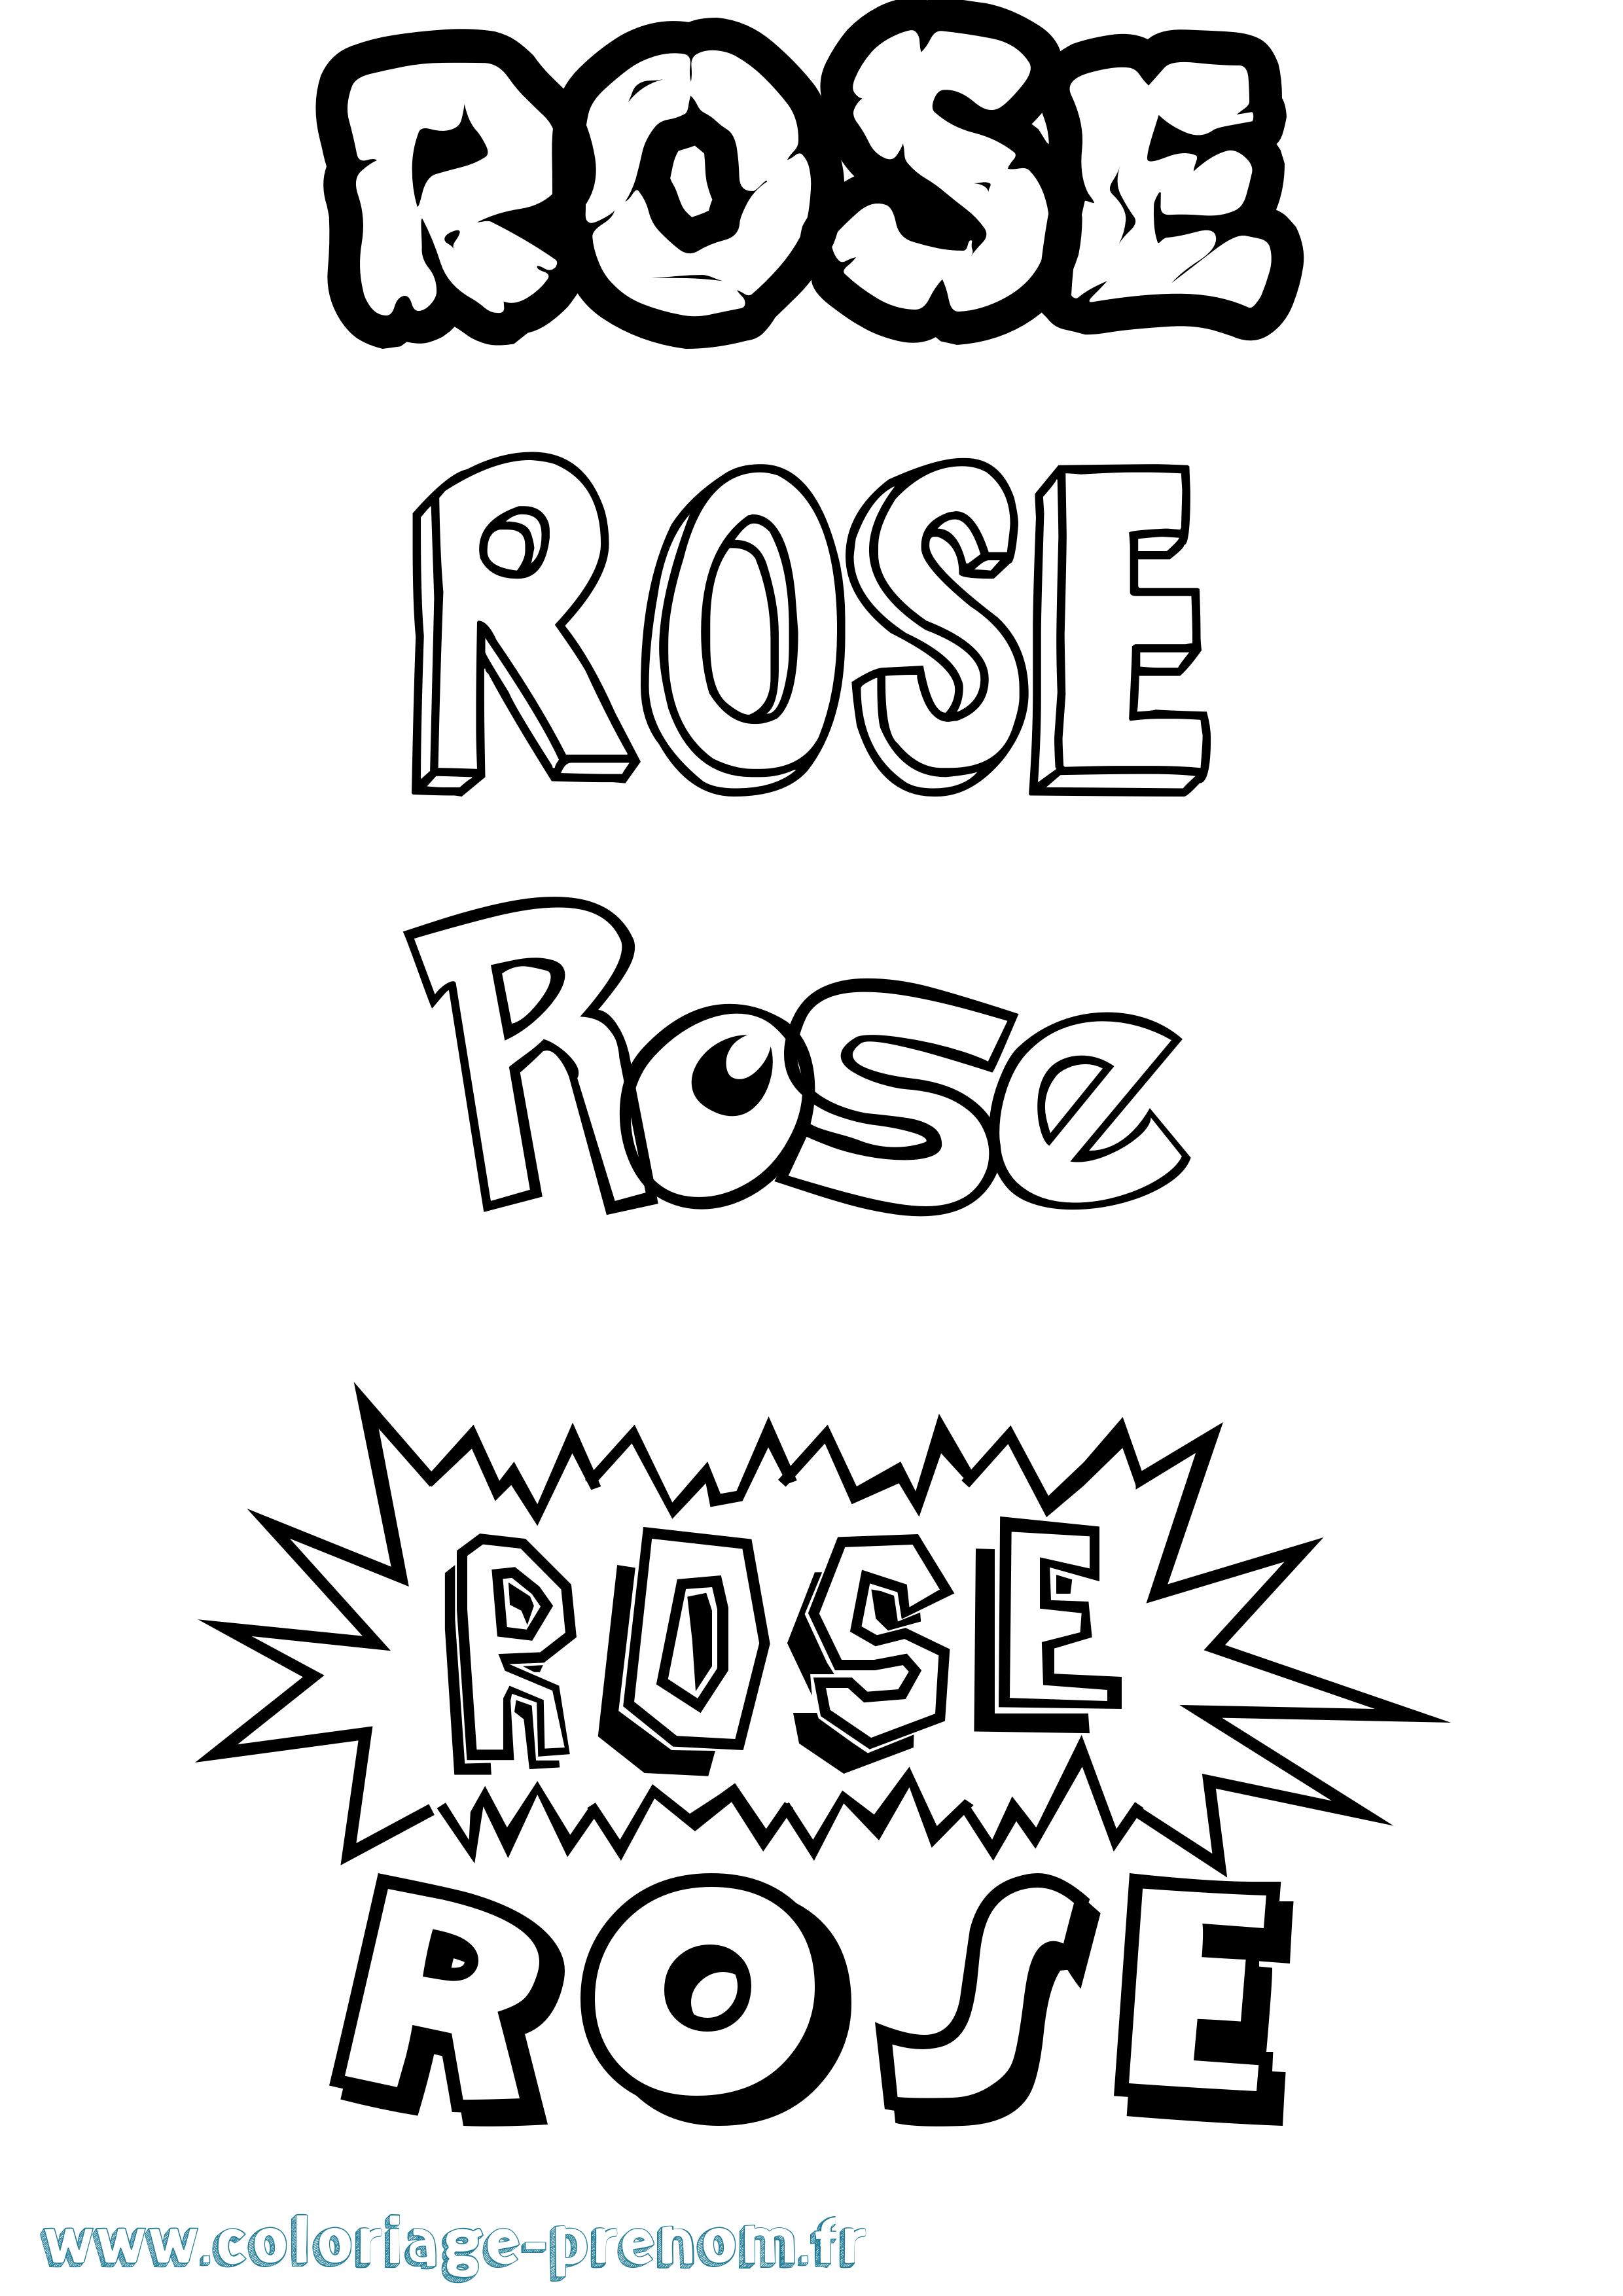 Coloriage du prénom Rose : à Imprimer ou Télécharger ...